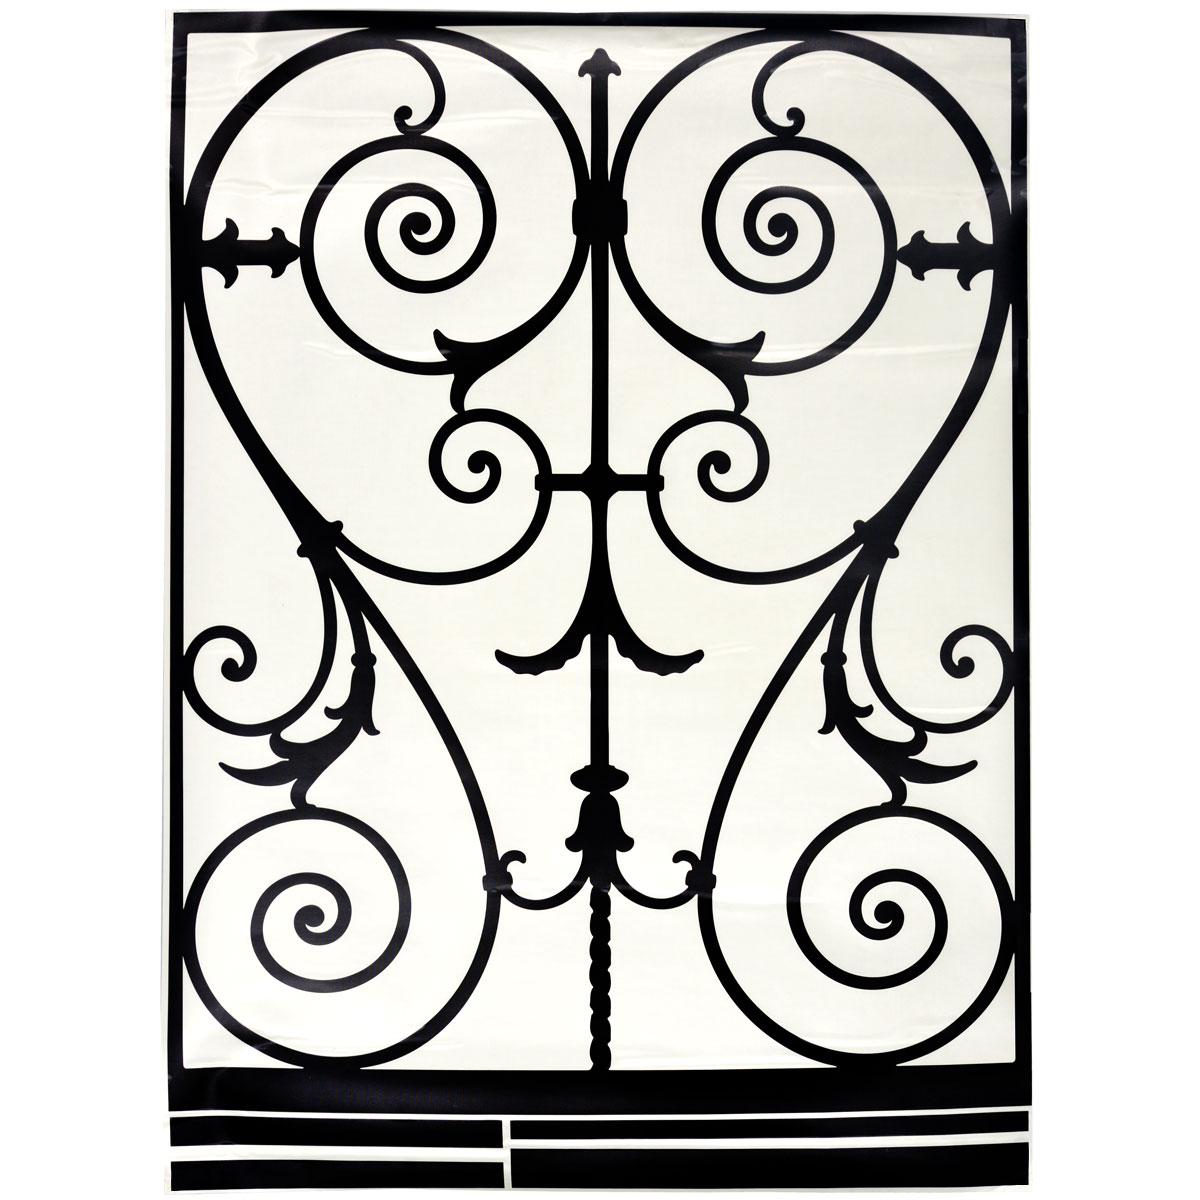 Стикер Paris-Paris Перила в стиле барокко, 90 х 132 см300148_бирюзовыйДобавьте оригинальность вашему интерьеру с помощью необычного стикера Paris-Paris Перила в стиле барокко. Оригинальное исполнение добавит изысканности в дизайн. Необыкновенный всплеск эмоций в дизайнерском решении создаст утонченную и изысканную атмосферу не только спальни, гостиной или детской комнаты, но и даже офиса. Стикер выполнен из матового винила - тонкого эластичного материала, который хорошо прилегает к любым гладким и чистым поверхностям, легко моется и держится до семи лет, не оставляя следов. Идеи французских дизайнеров украсят любой интерьер. Размер стикера (ВхШ): 90 см х 132 см.